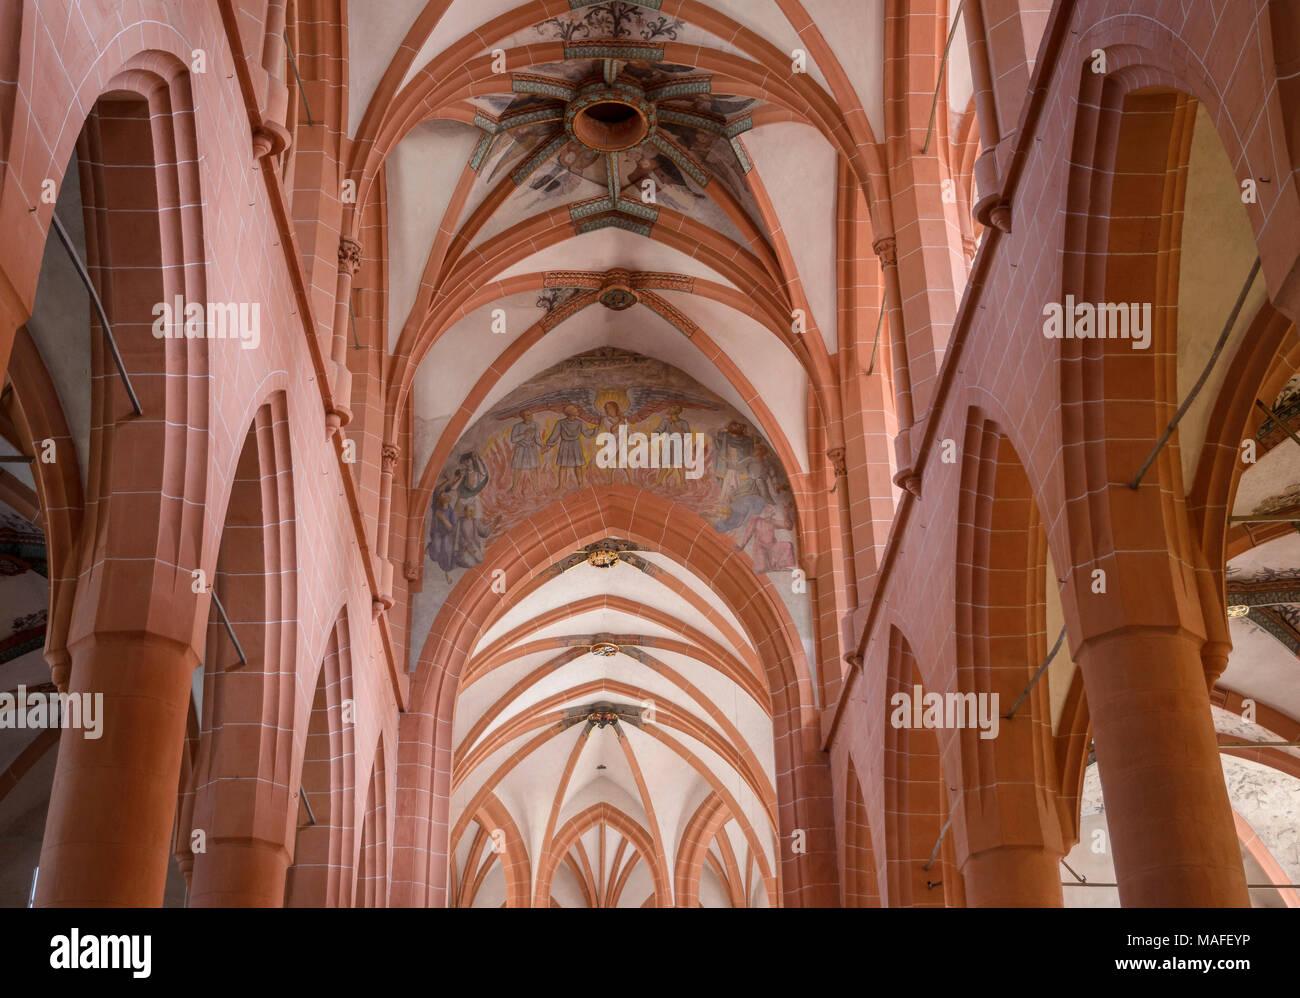 Grabstätte Ruprecht III. und seiner Gemahlin Elisabeth von Hohenzollern-Nürnberg, Heilig-Geist-Kirche, Heidelberg, Baden-Württemberg, Deutschland Stockbild